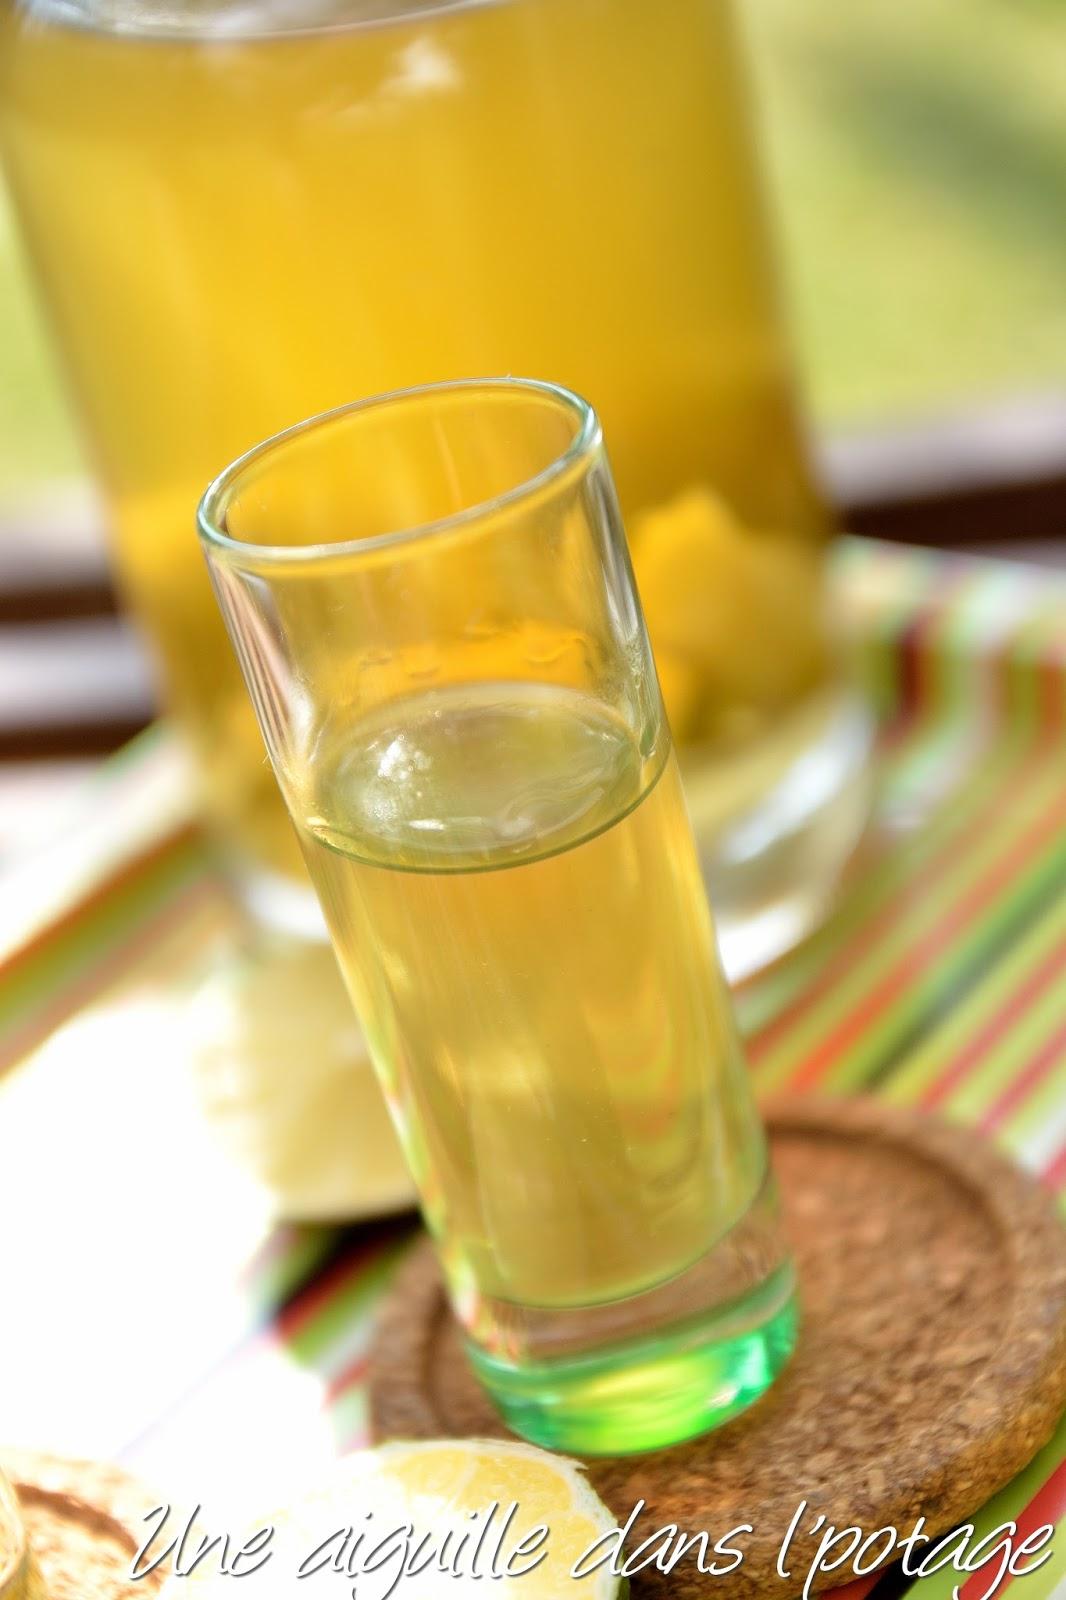 Bien connu une aiguille dans l' potage: Rhum arrangé citron vert- gingembre ZQ33